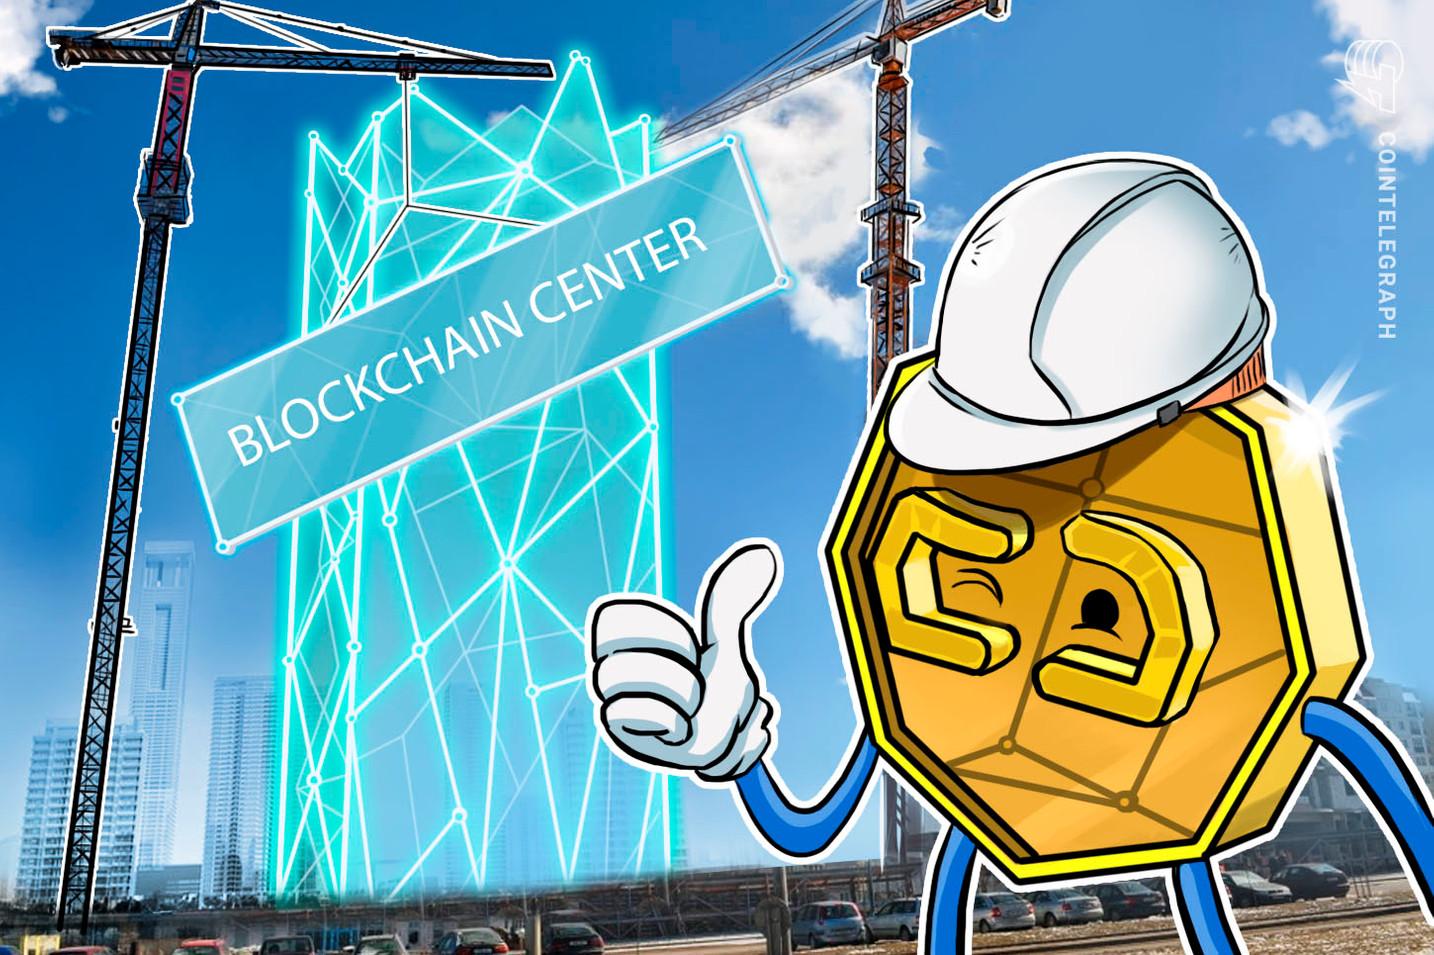 Centro Austriaco de Investigación Multidisciplinaria Blockchain se establece en Viena